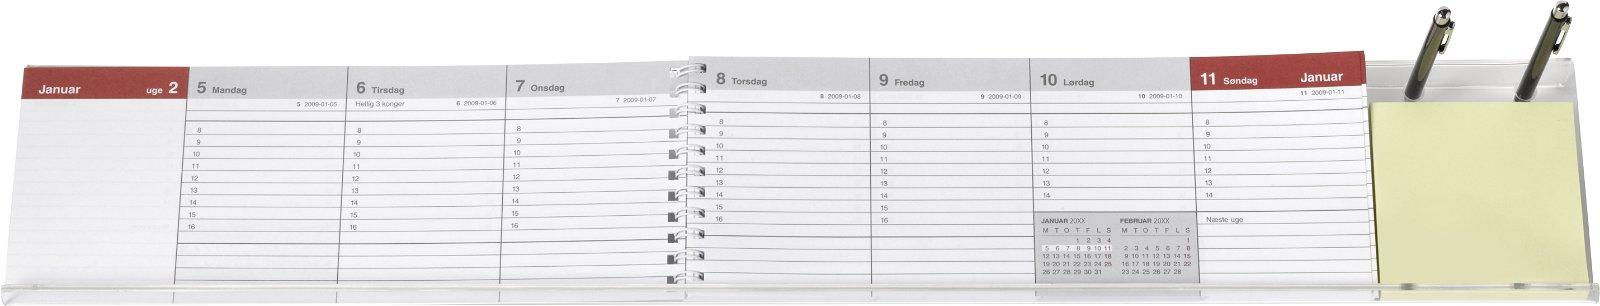 Mayland Uge bordkalender 2022